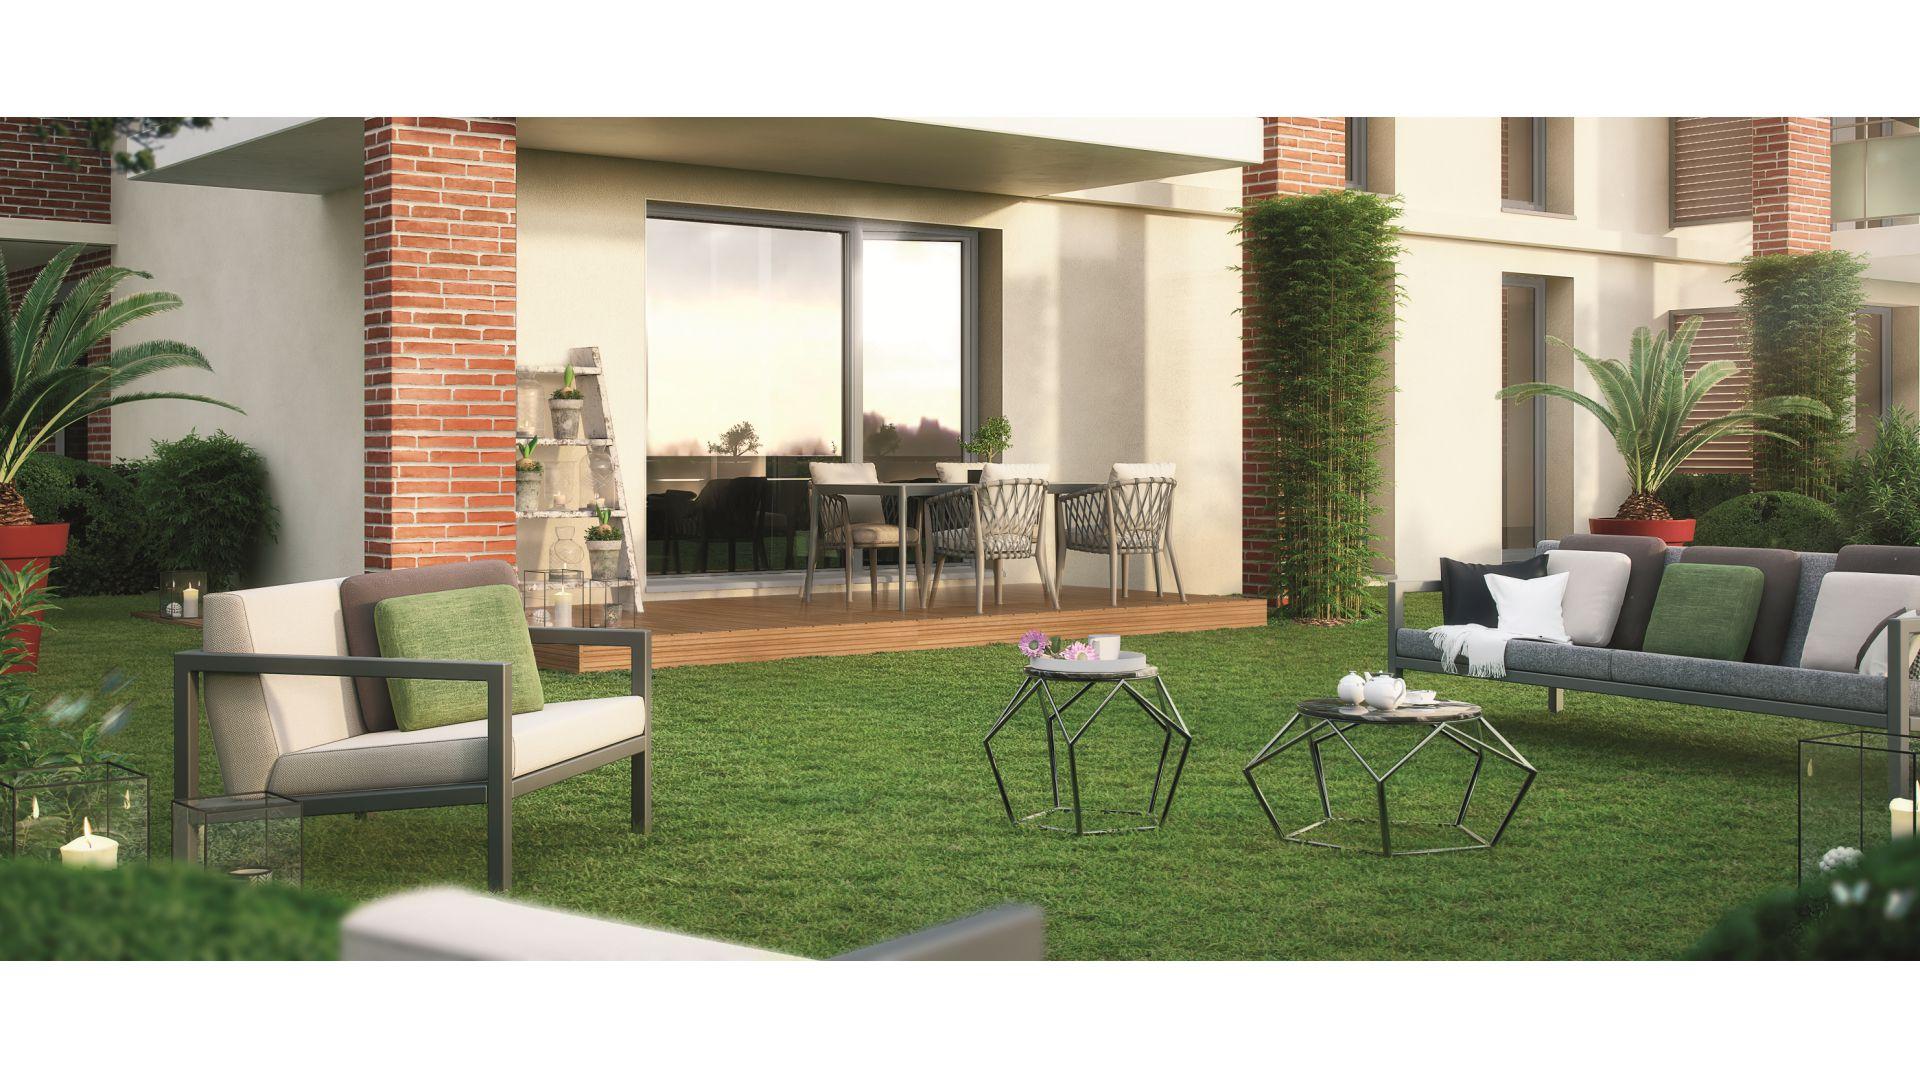 GreenCity immobilier - Tournefeuille 31170 - Résidence Parc Rimbaud - appartements et villas neufs du T2 au T5 - vue terrasse